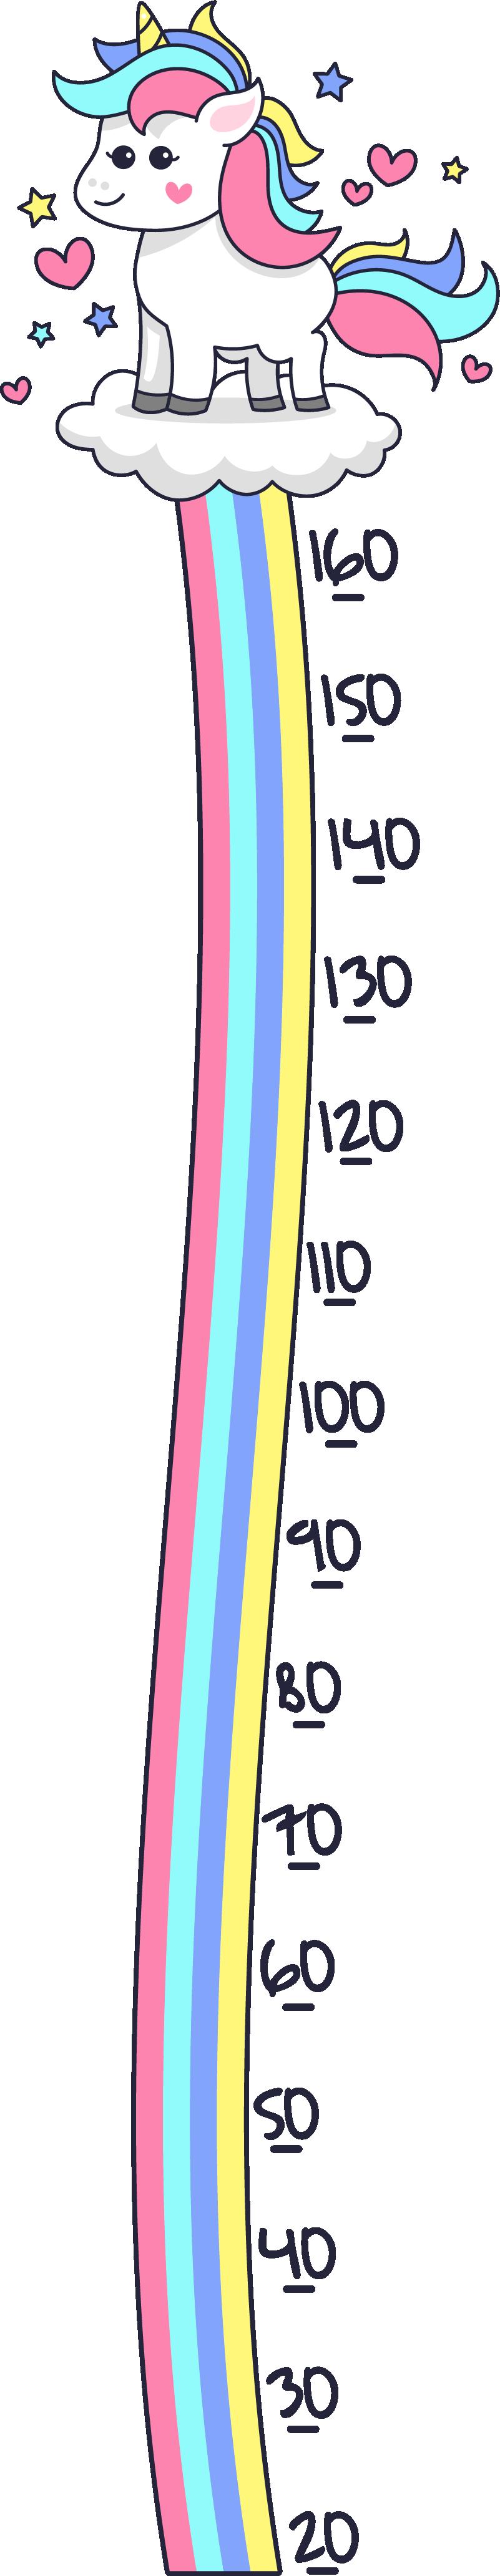 TenStickers. 유니콘과 무지개 미터 높이 차트 벽 데칼. 어린이 방 훈장을위한 유니콘과 무지개 미터 높이 차트 스티커. 그것은 고품질의 접착 성 비닐 소재로 만들어졌습니다. 적용하기 쉽습니다.